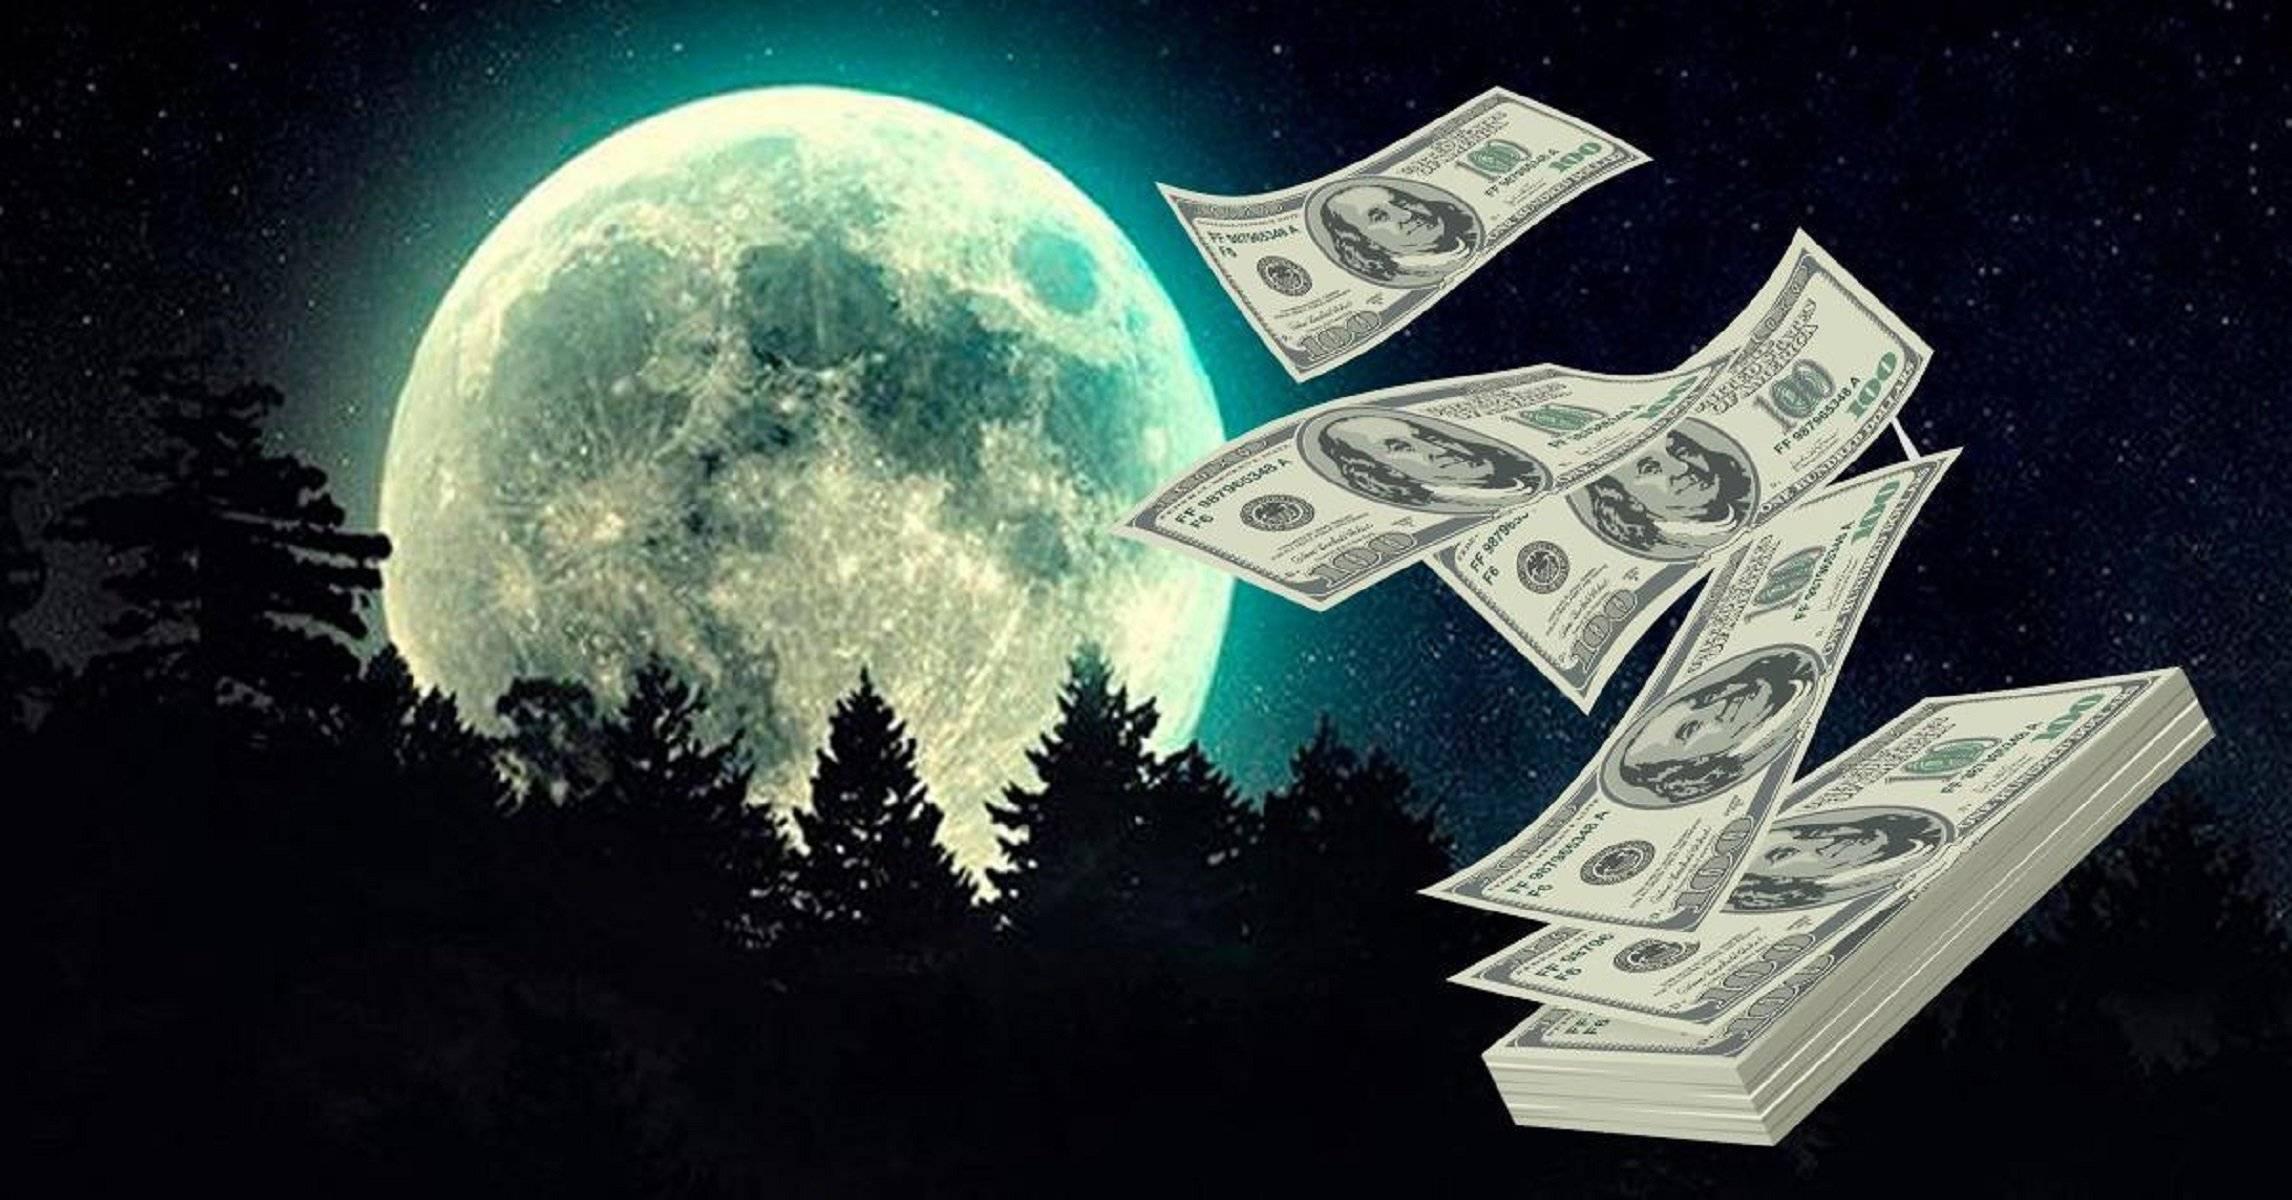 Обряды в полнолуние на любовь, на привлечение денег, на торговлю, на исполнение желания. какие обряды делают в полнолуние?